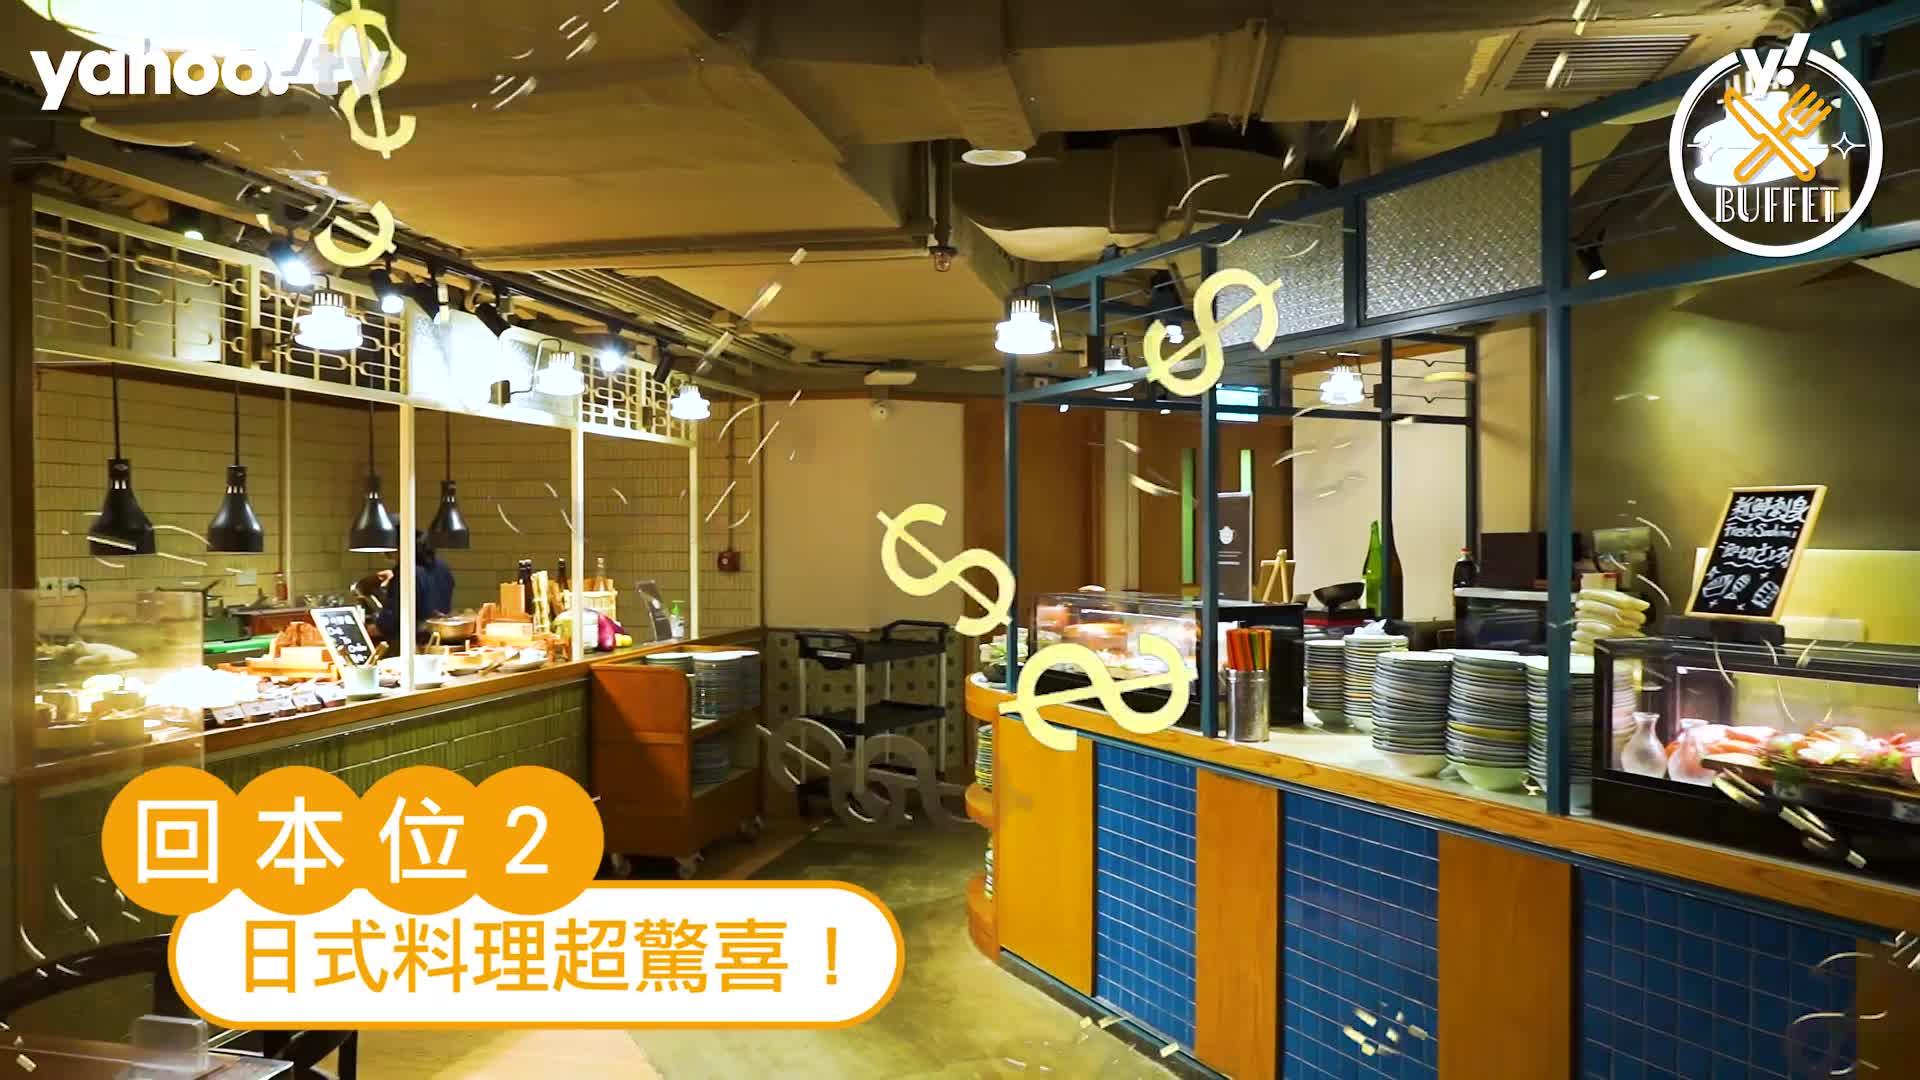 自助餐優惠|佐敦逸東酒店$338.8/位Buffet 自製海鮮丼/即炸天婦羅/高質海鮮熱盤